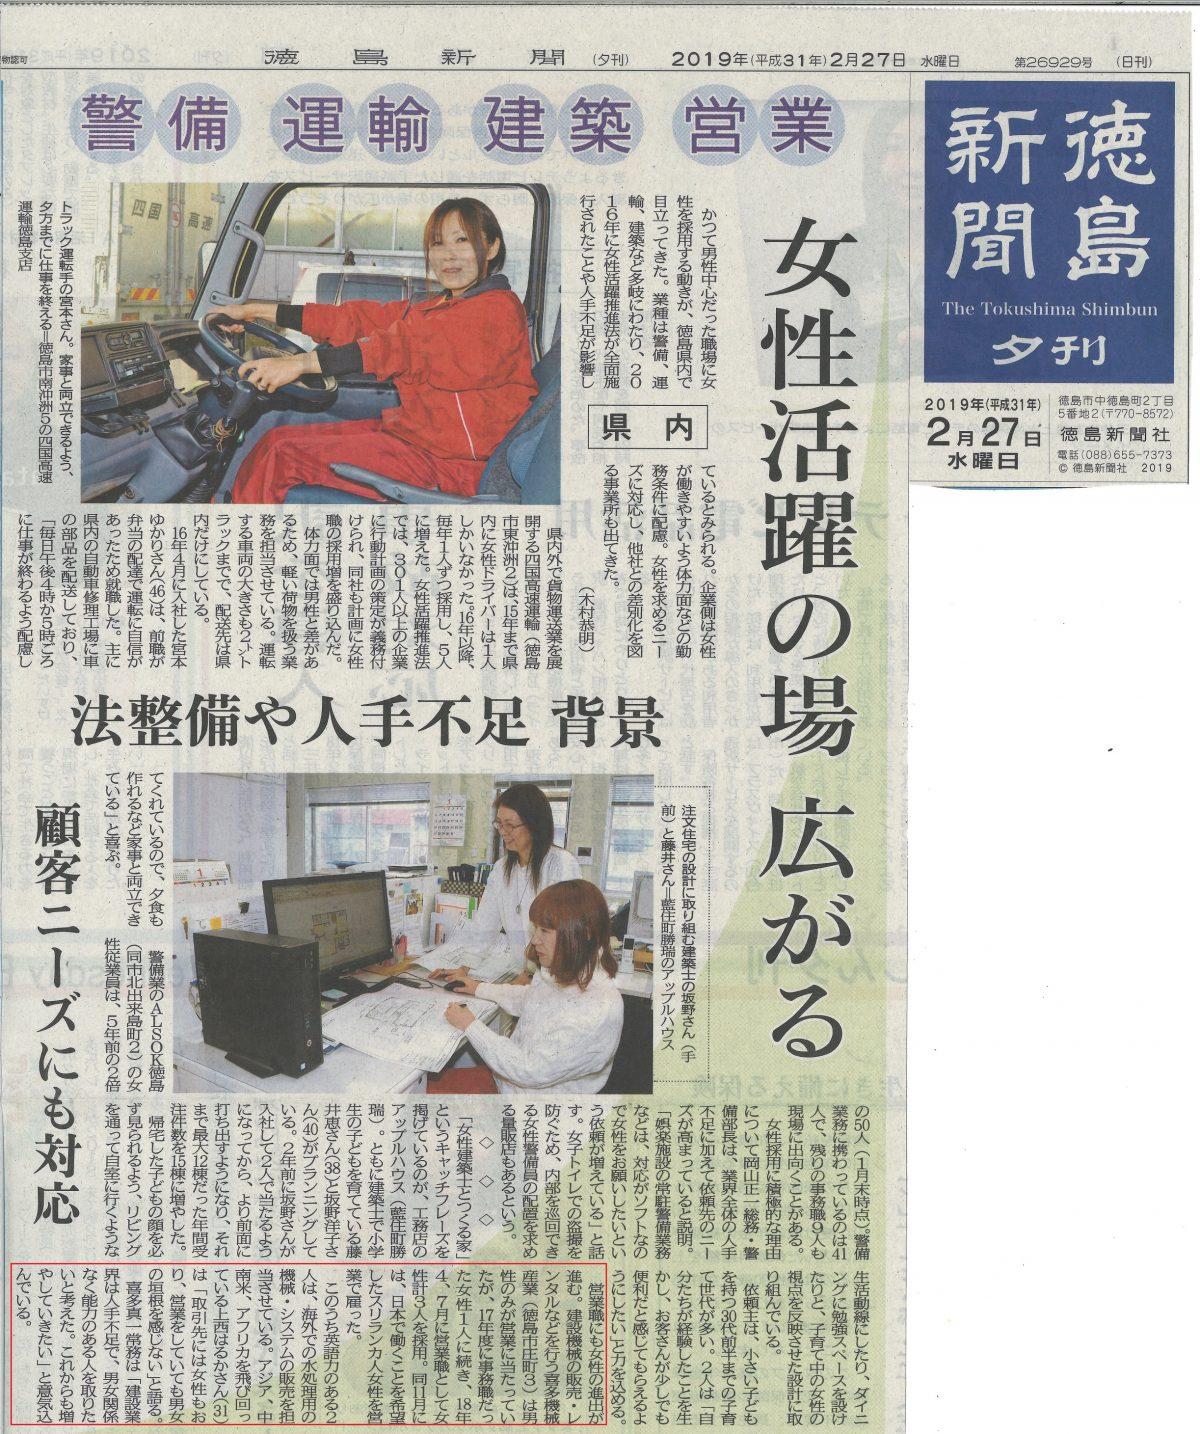 徳島新聞「女性活躍に取り組む企業」として掲載されました